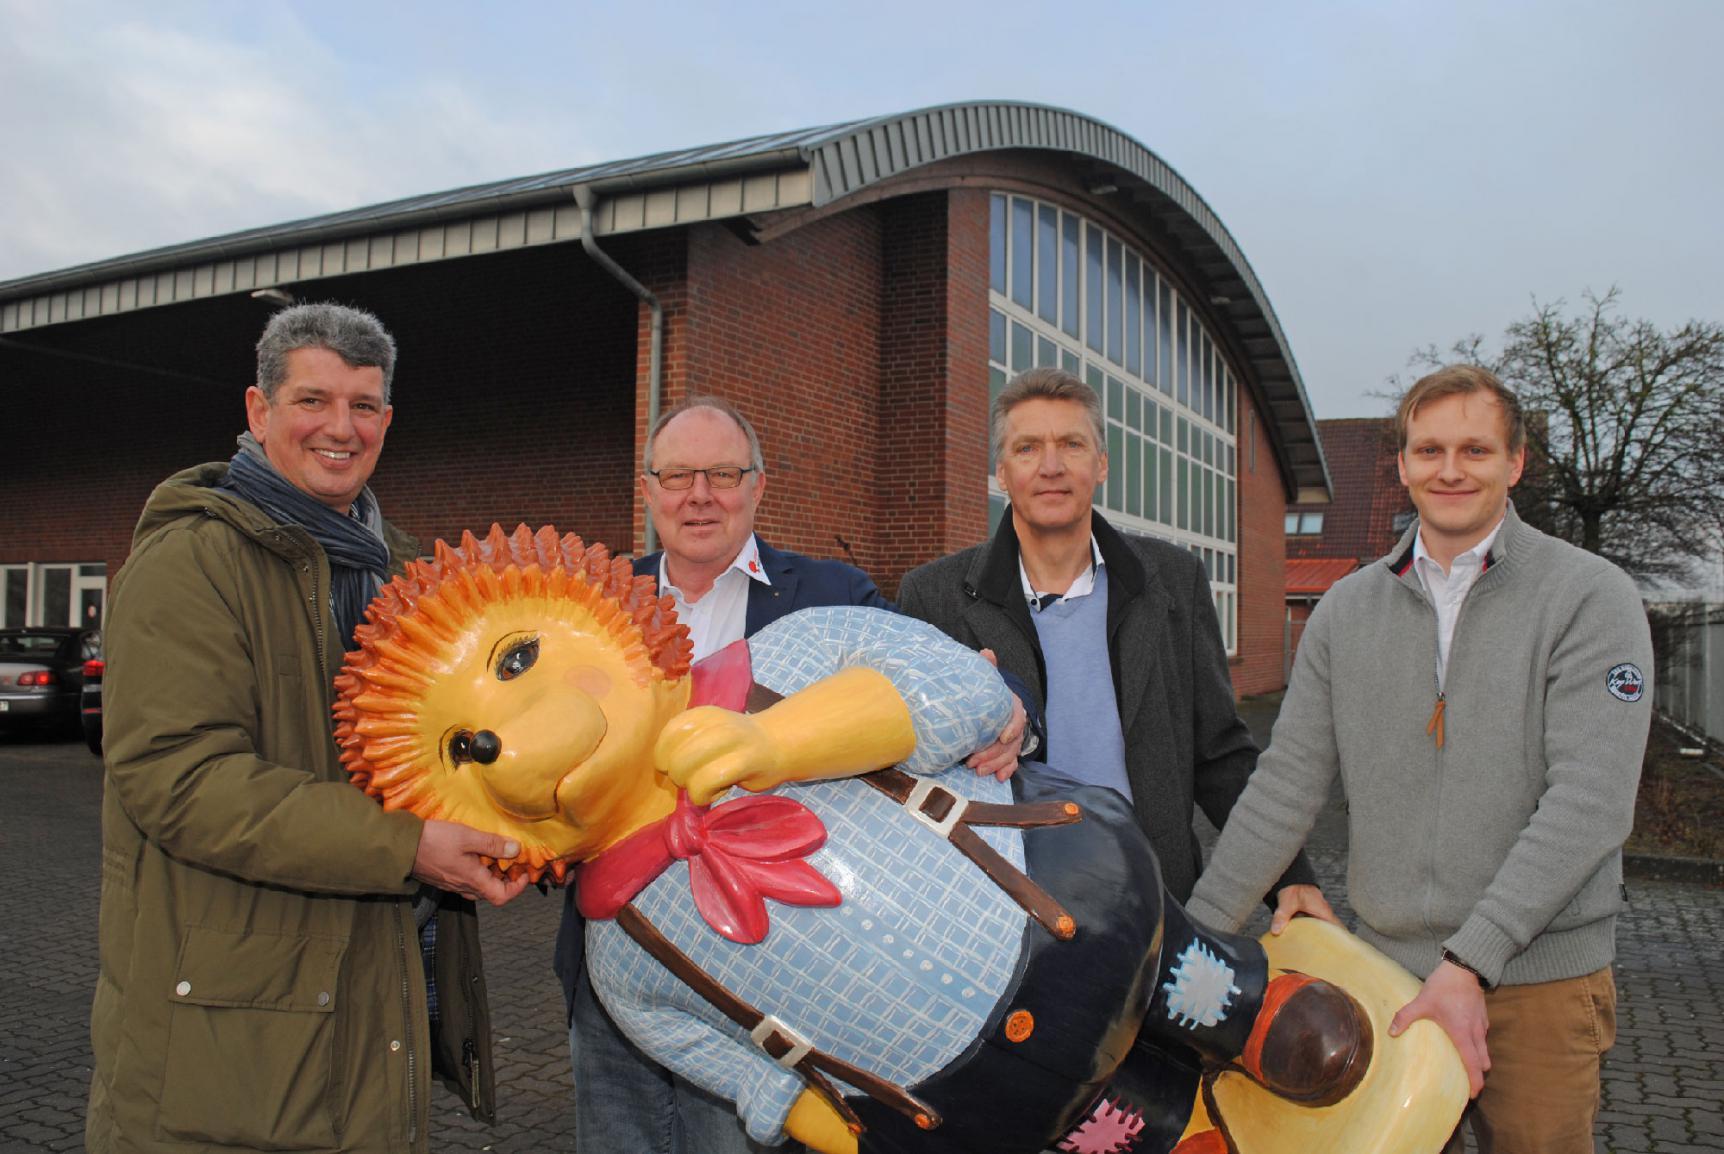 Bürgermeister Hans-Jürgen Detje und Bürgermeister Matthias Herwede der Gemeinde Horneburg tragen den Buxtehuder Igel symbolisch in das neue Werk